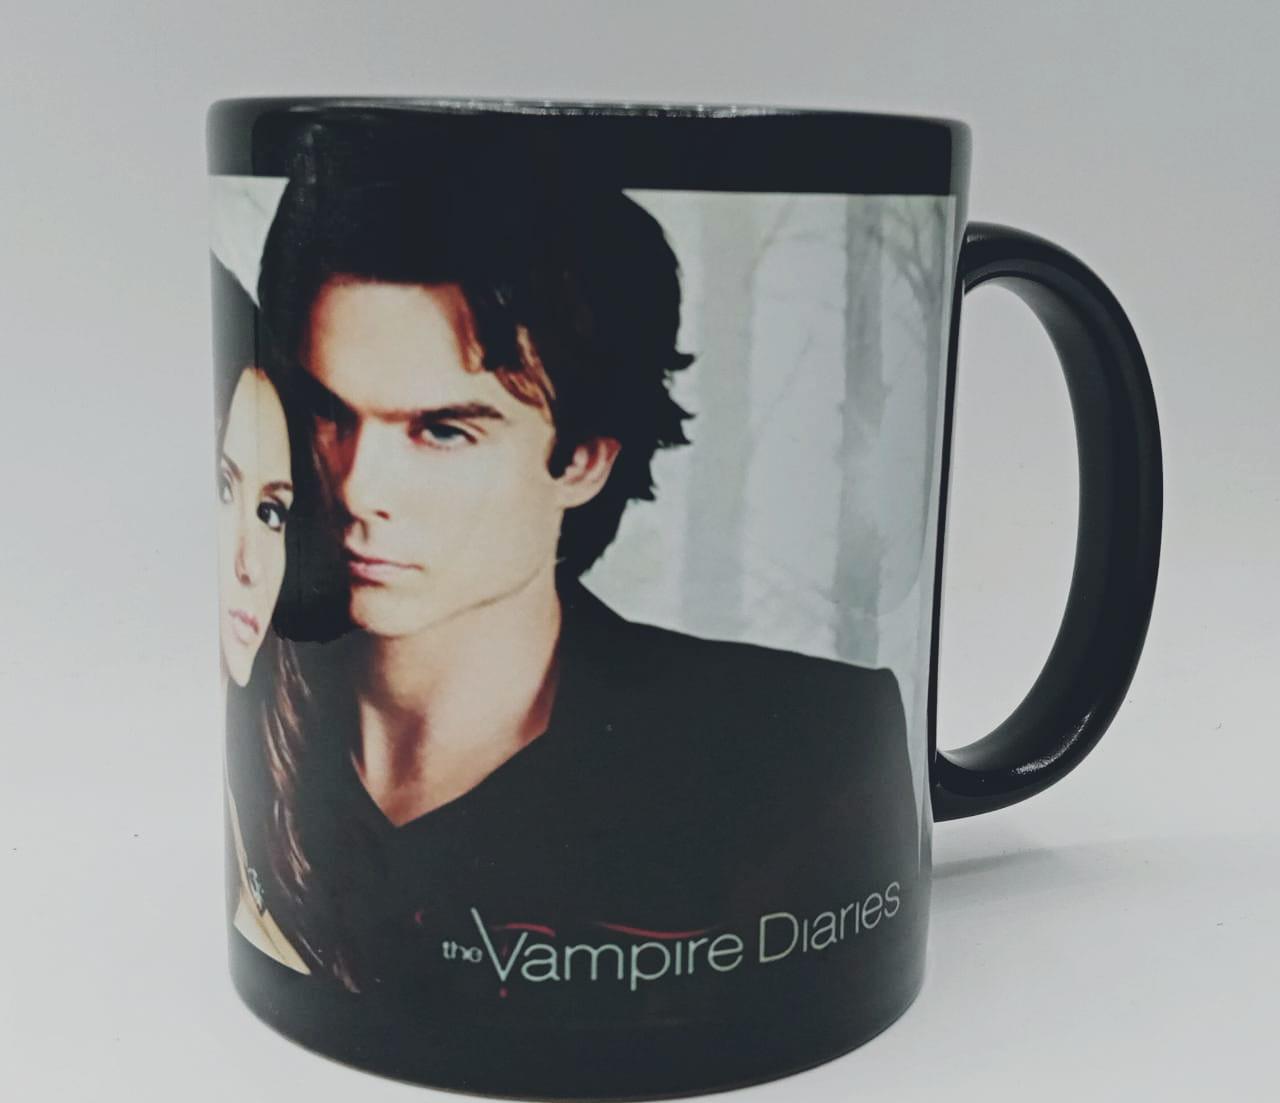 """Caneca Diários de um Vampiro """"The Vampire Diaries"""" (Preta)"""